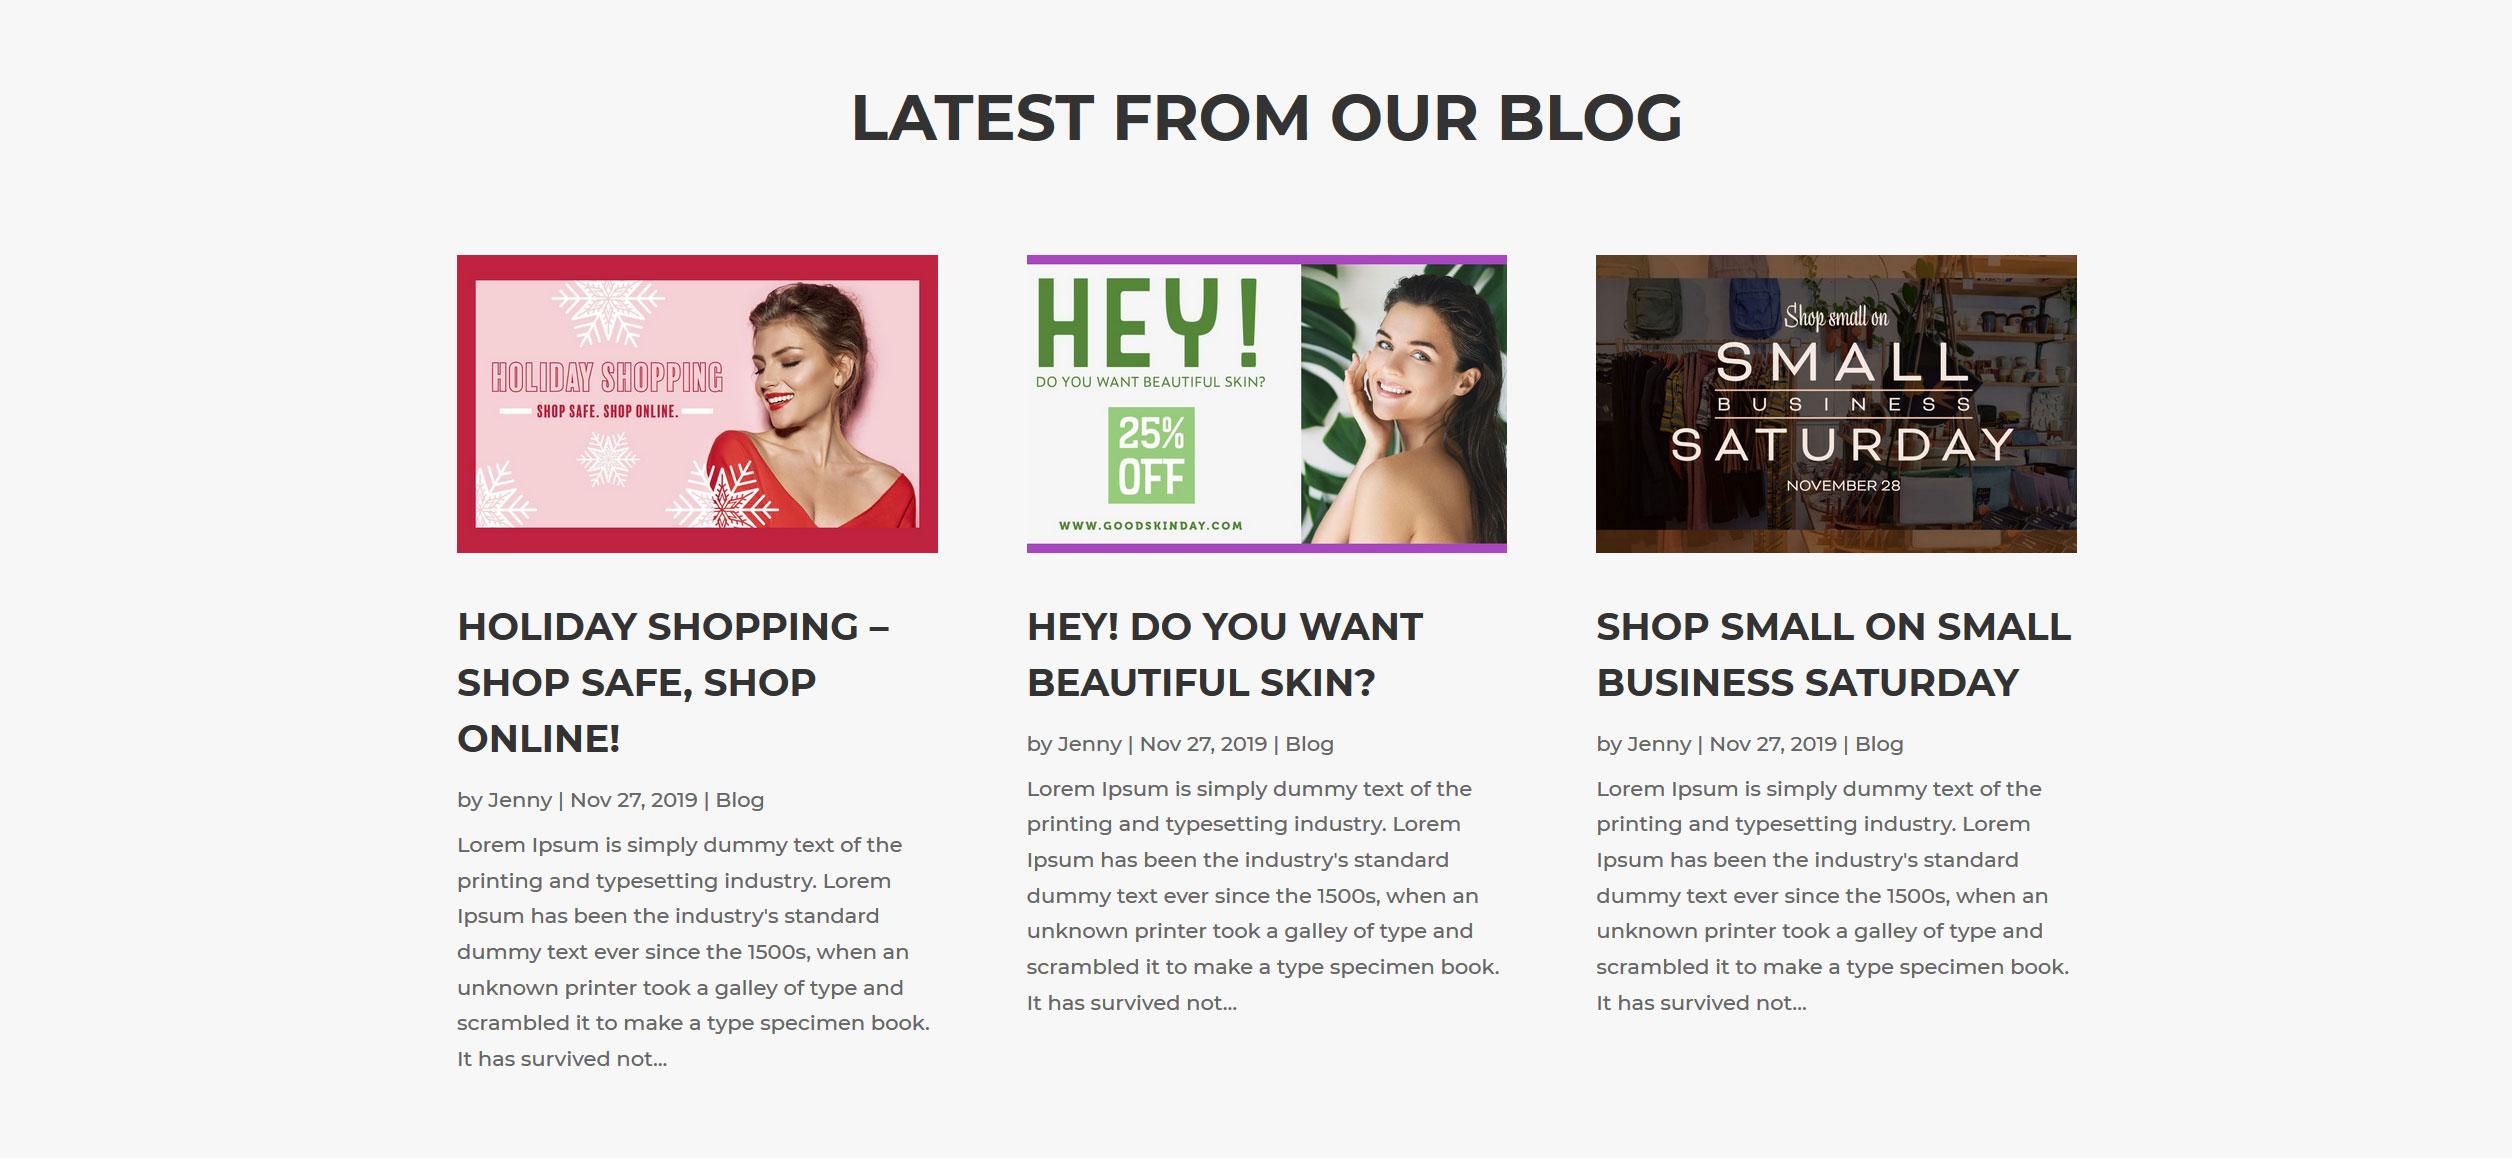 Website for Hairdressers v1 - Blog Posts